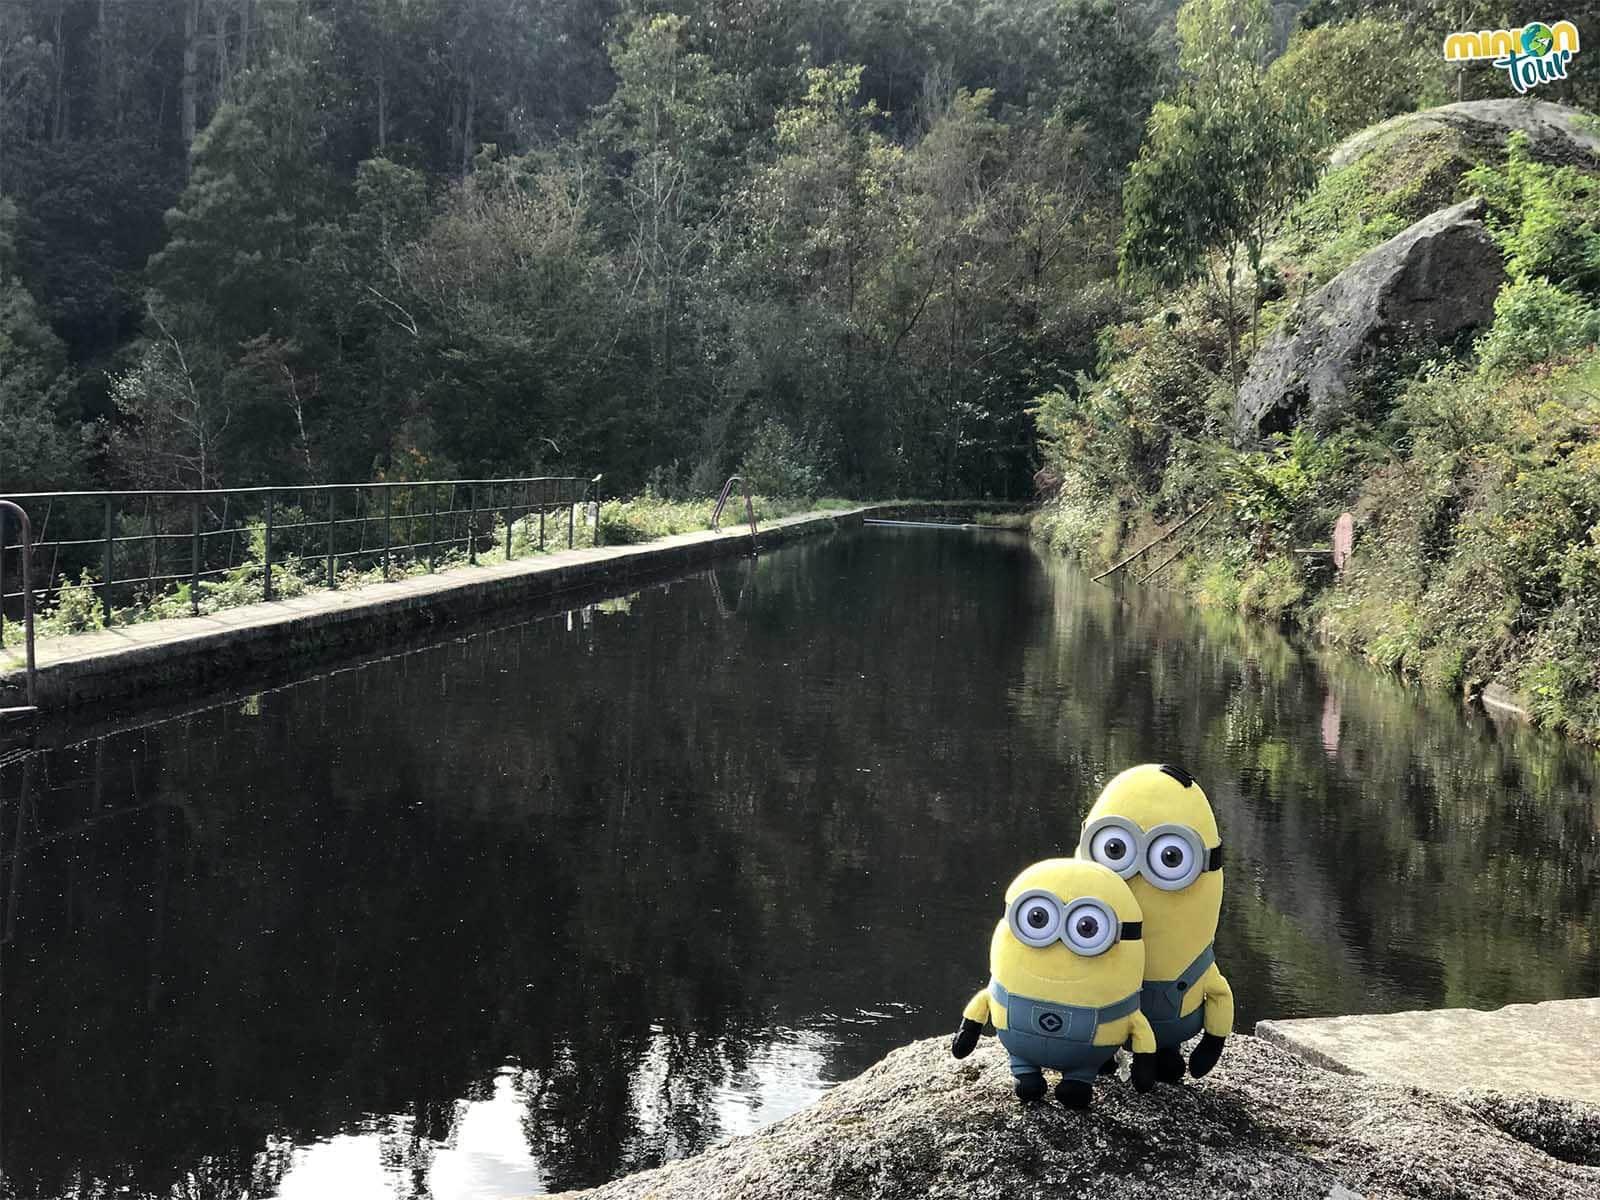 Hemos encontrado una piscina para darnos un bañito